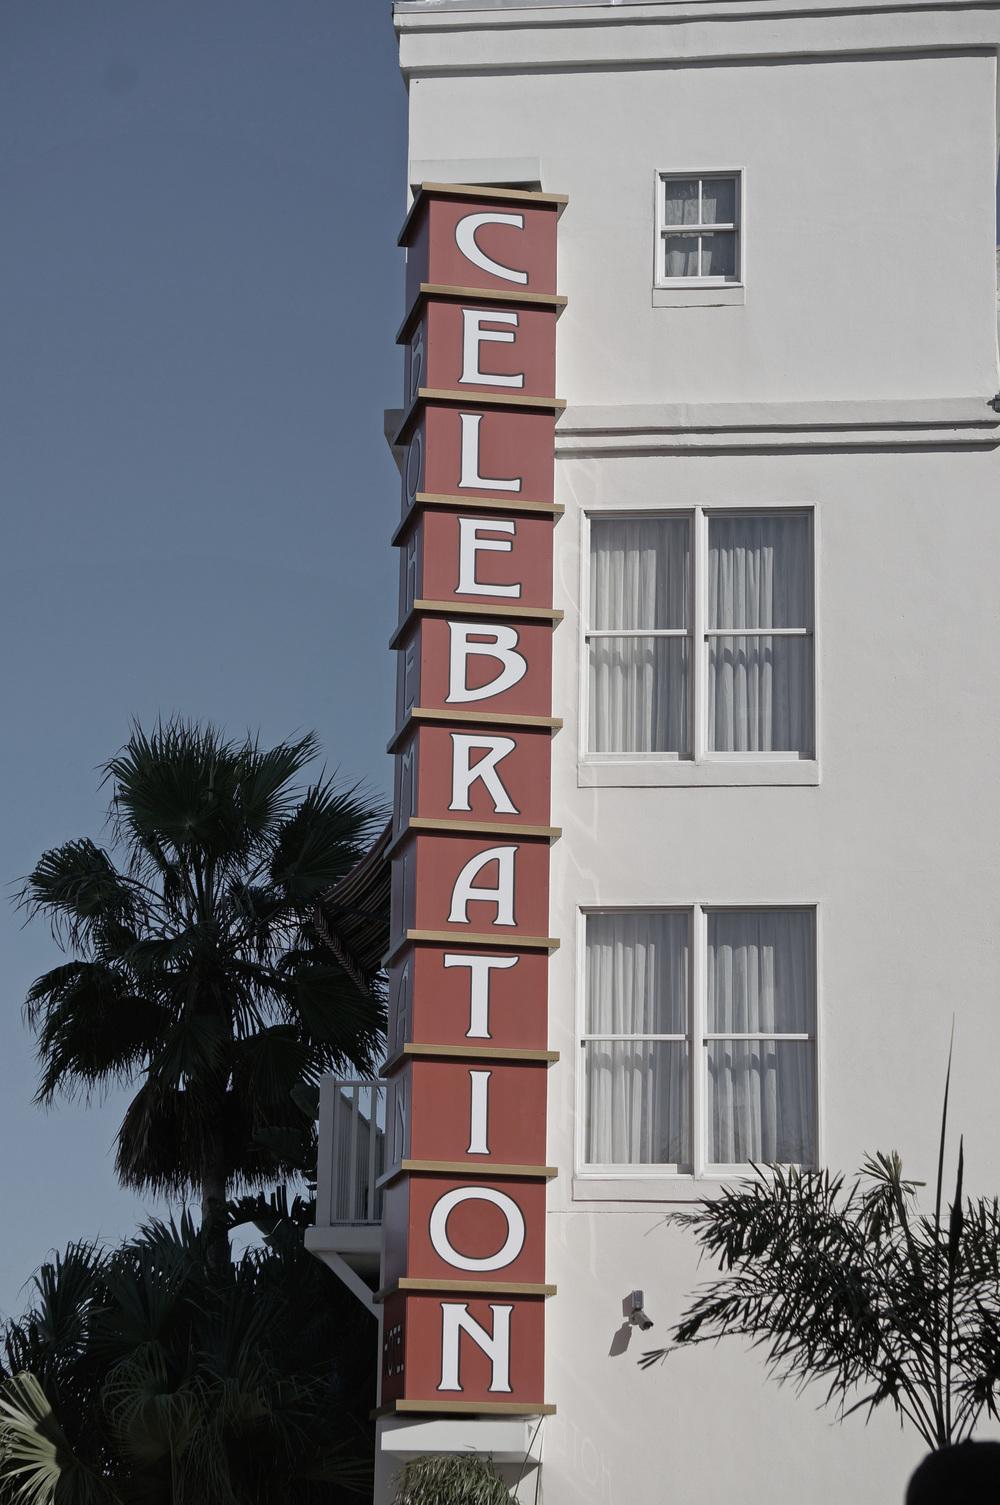 Bohemian Hotel Celebration Florida